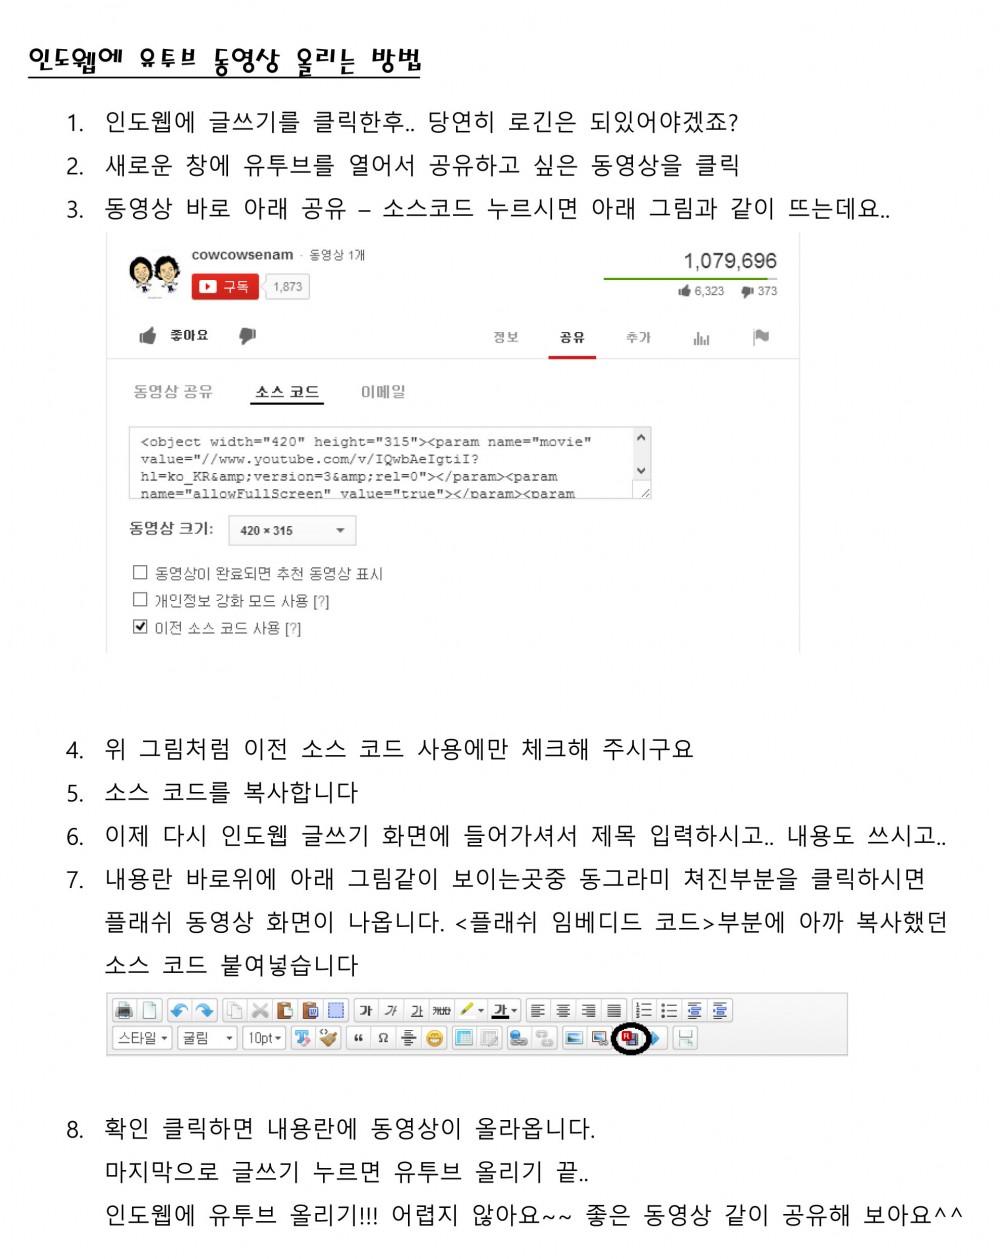 인도웹에 유투브 동영상 올리는 방법-1.jpg